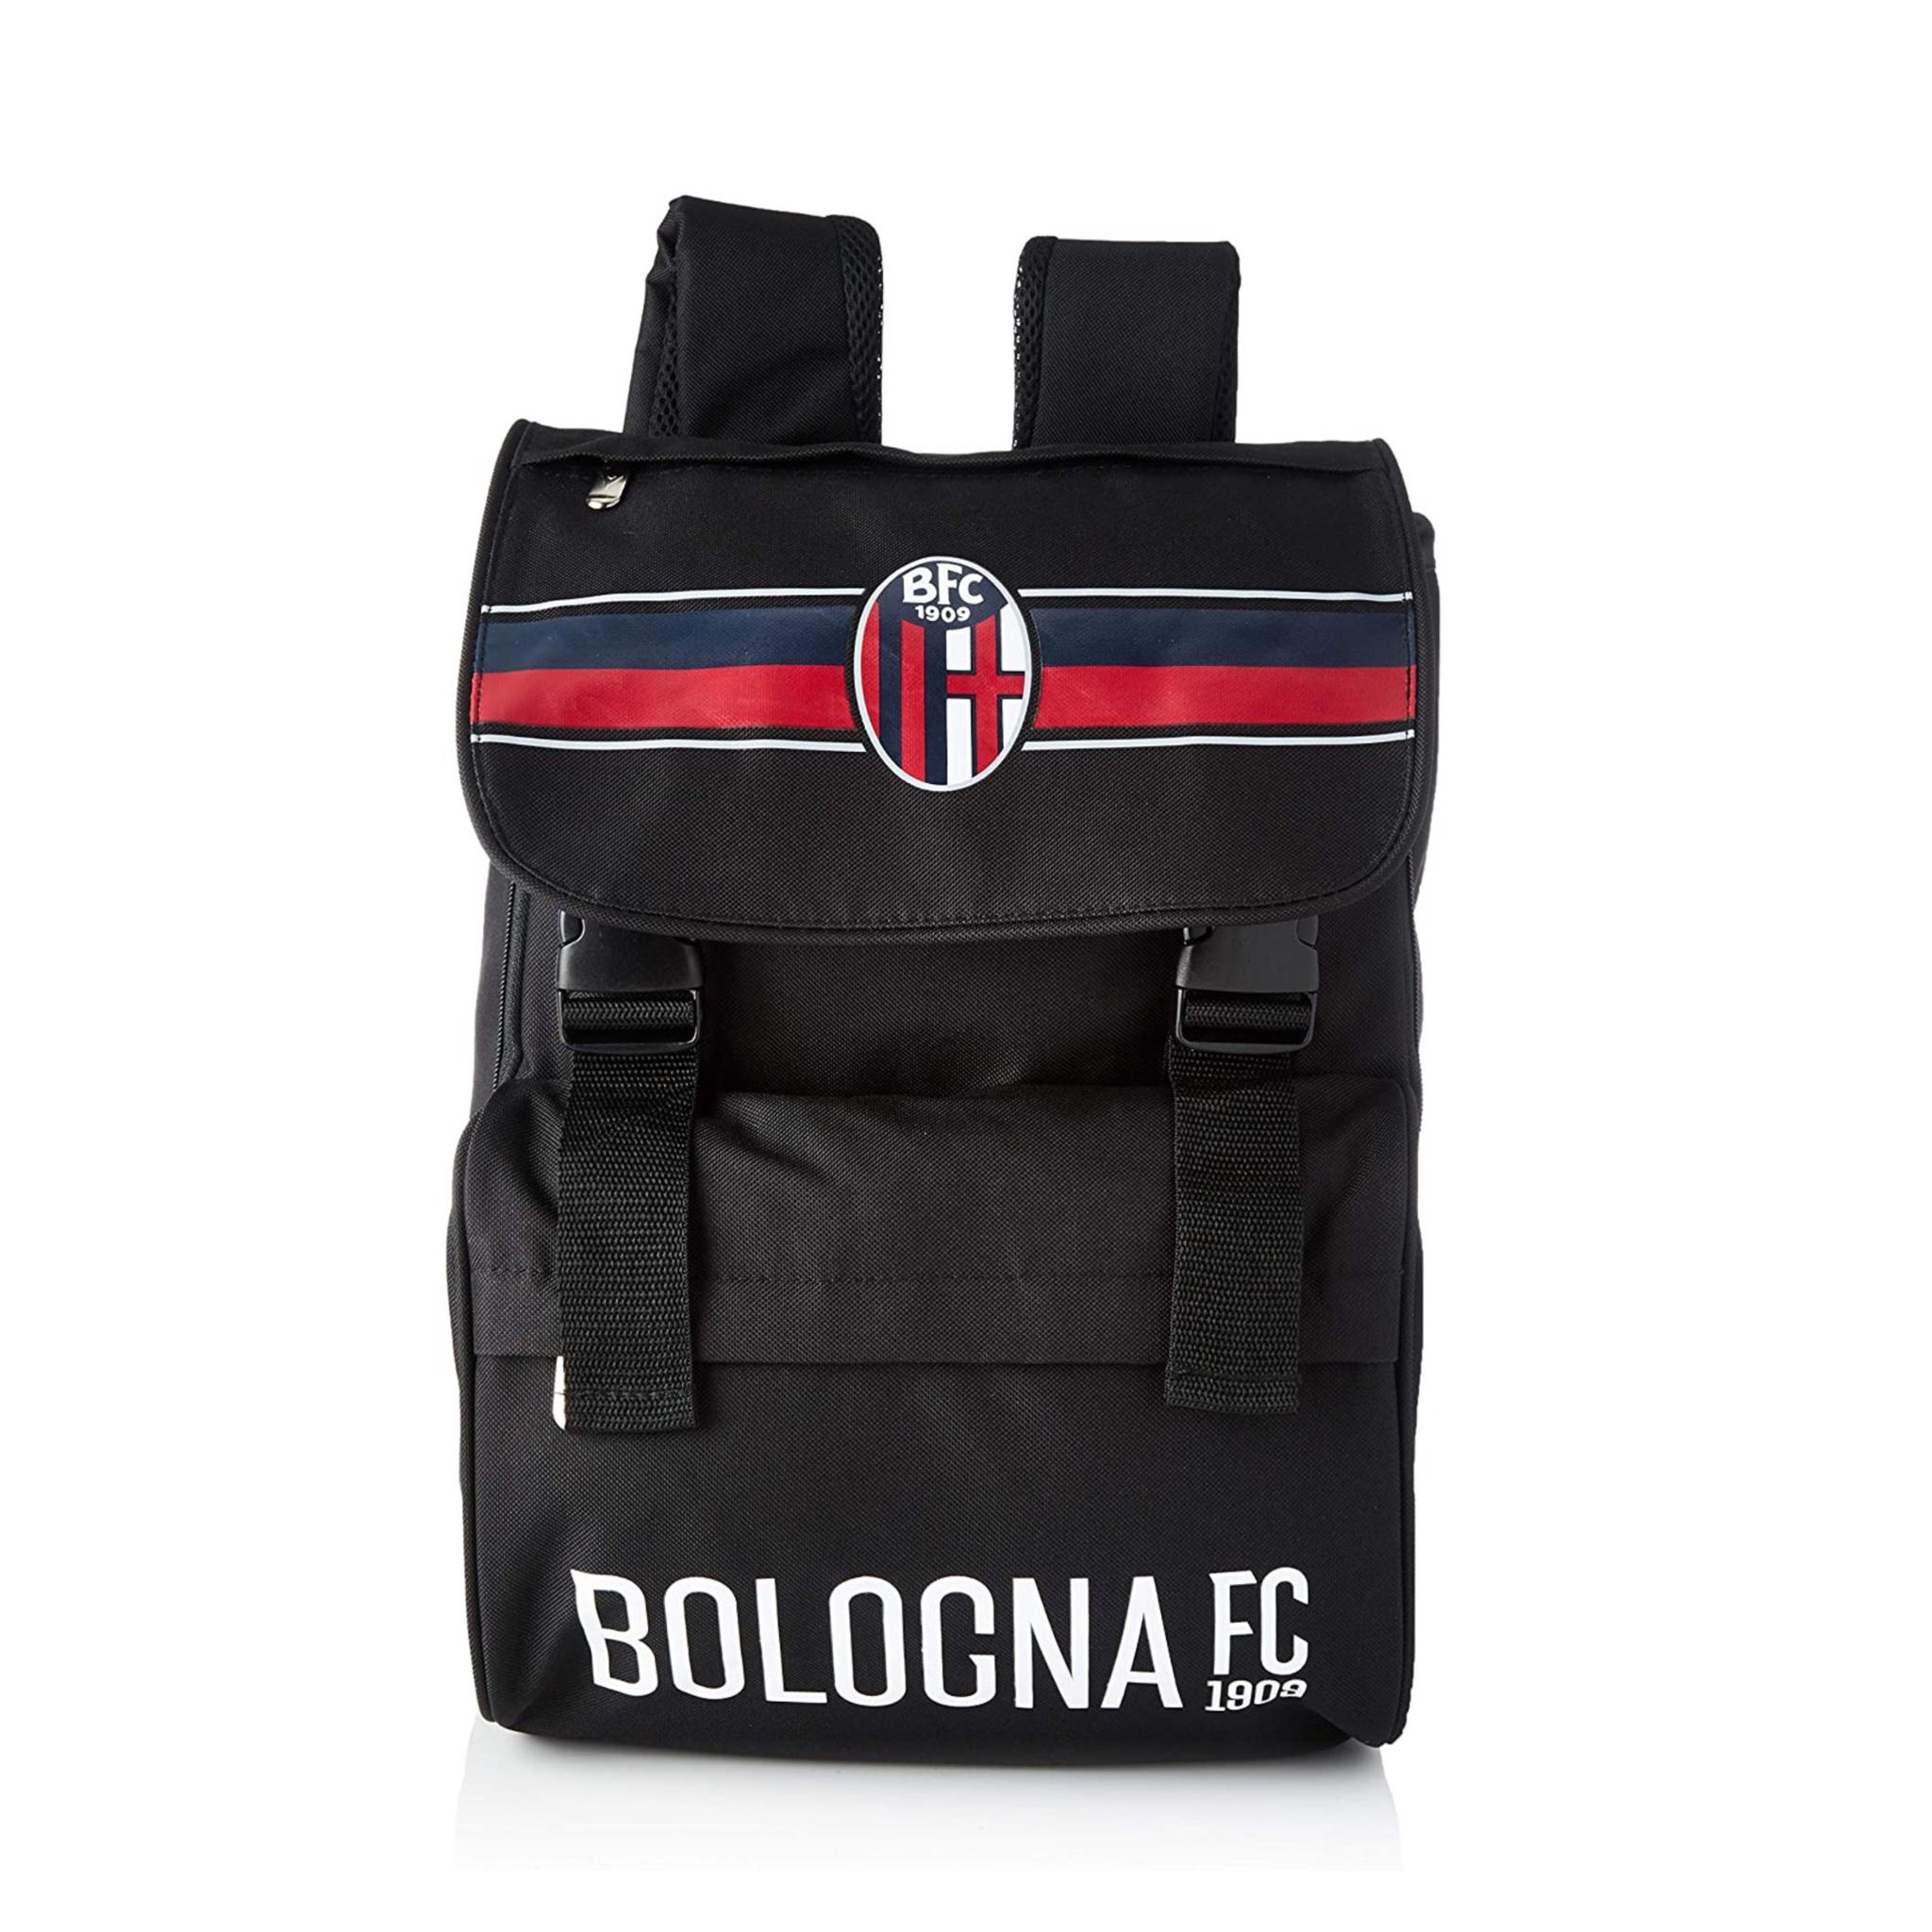 Bologna Fc ZAINO SCUOLA